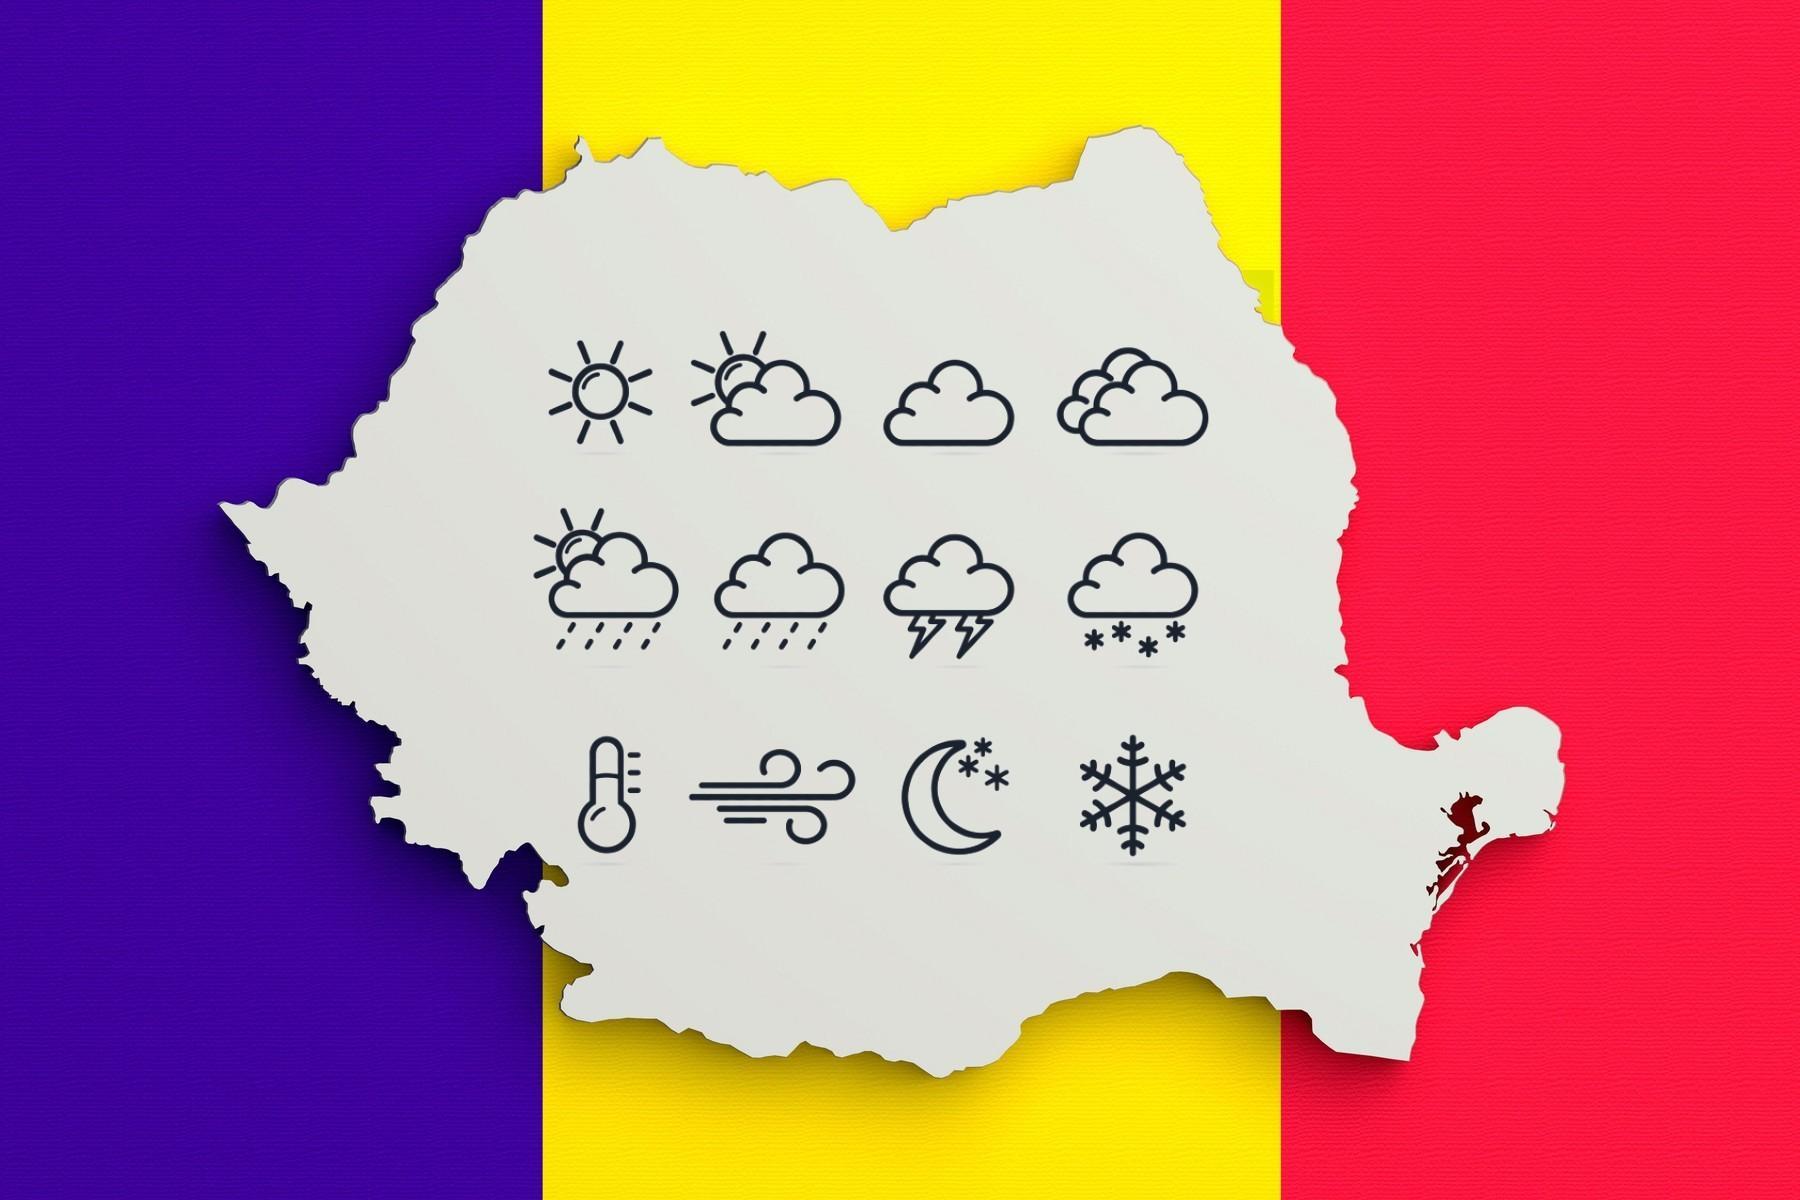 Prognoza meteo 10 decembrie 2020. Cum e vremea în România și care sunt previziunile ANM pentru astăzi